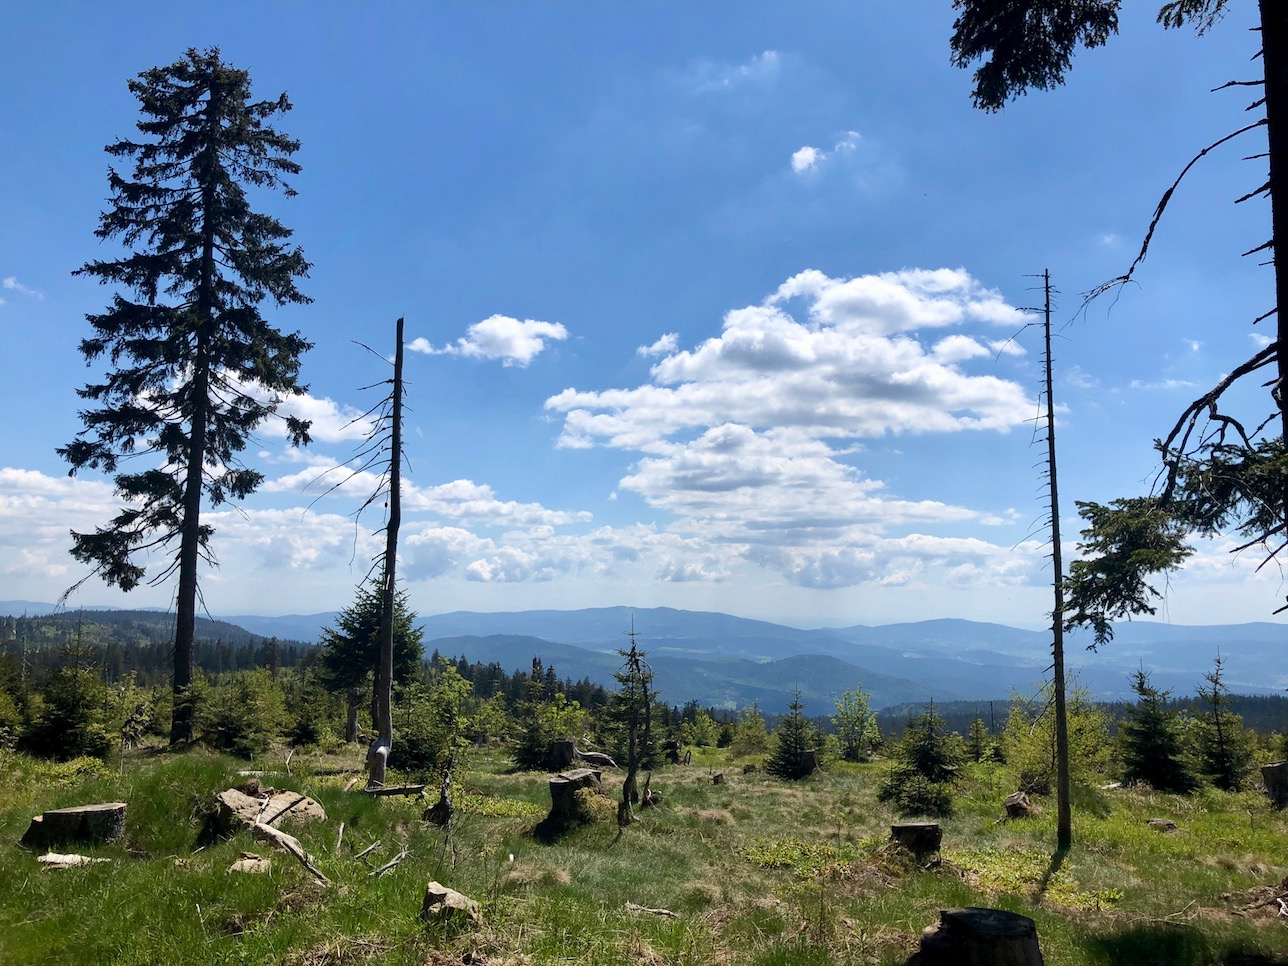 Auffahrt zum Großer Arber, Bayerischer Wald